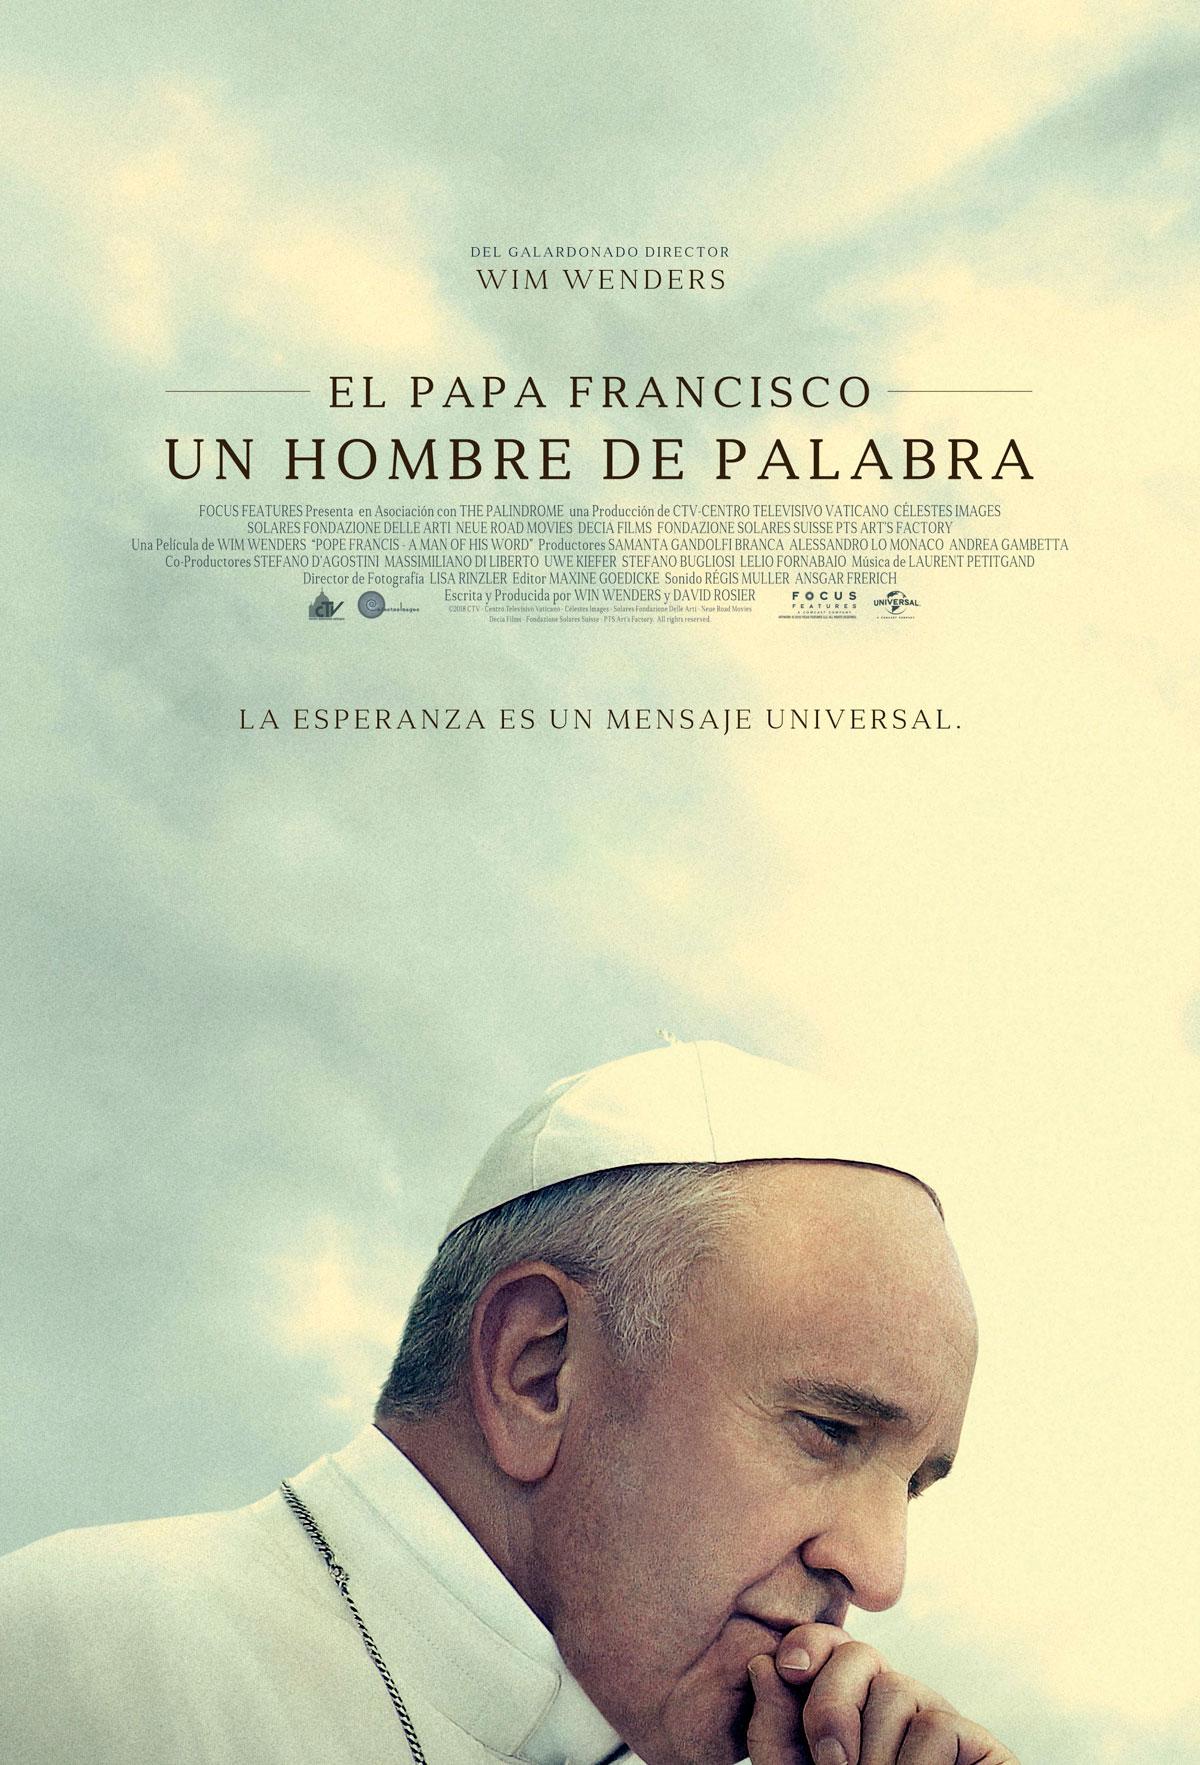 Photo of Jueves de estreno en Cinemark con Papa Francisco: Un hombre de palabra